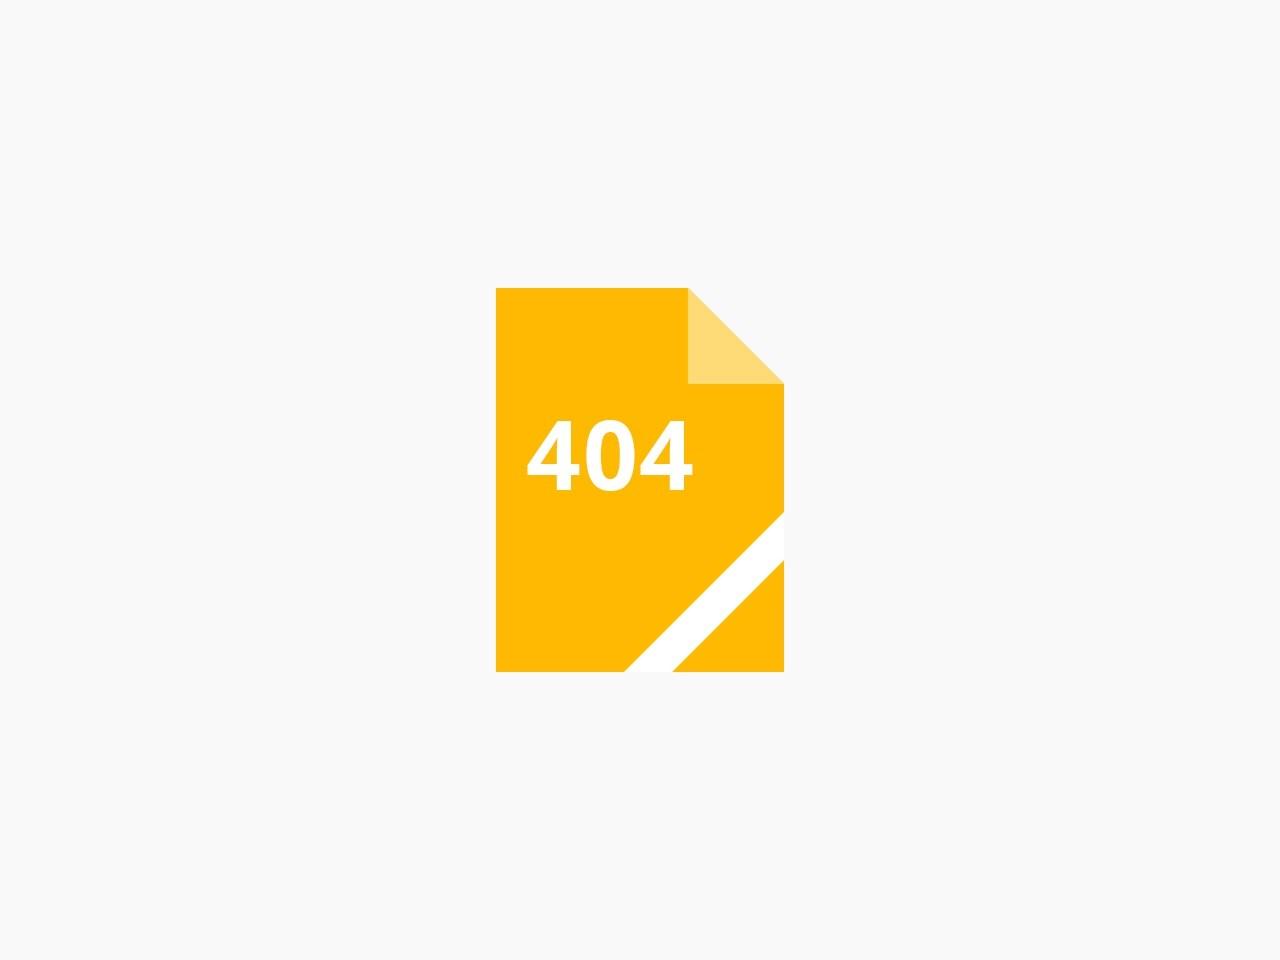 阿成博客-分享阿成哥的学习心得、日常见闻、趣事杂谈、软件分享、无损音乐、视频短片、技术教程、旅游攻略